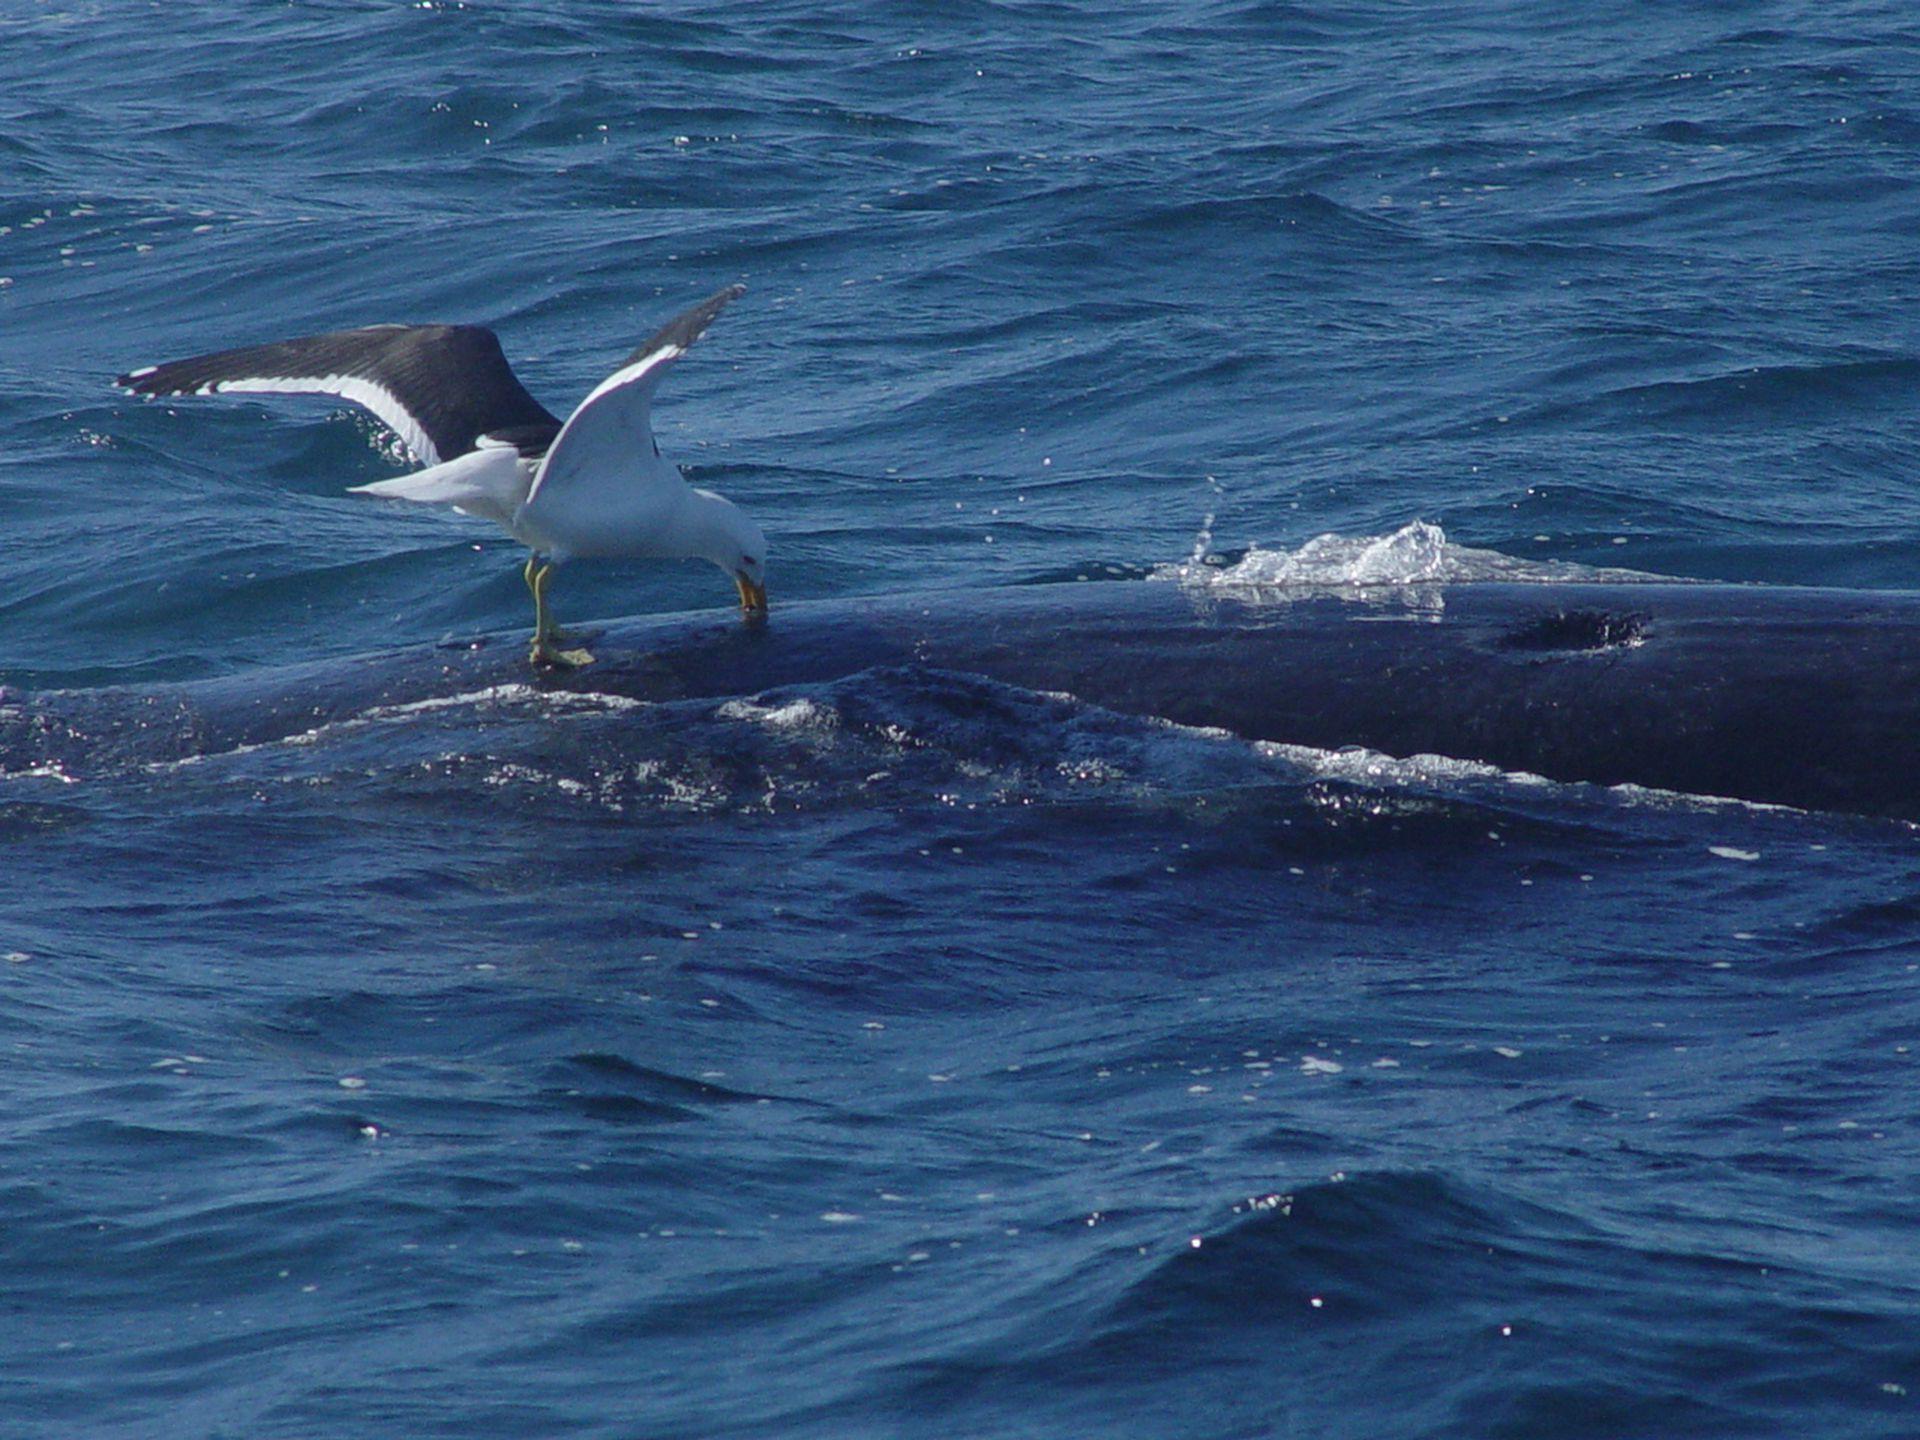 Este fenómeno, que los expertos vienen estudiando hace tiempo, podría afectar seriamente la salud de los ballenatos e incluso aumentar su mortandad.